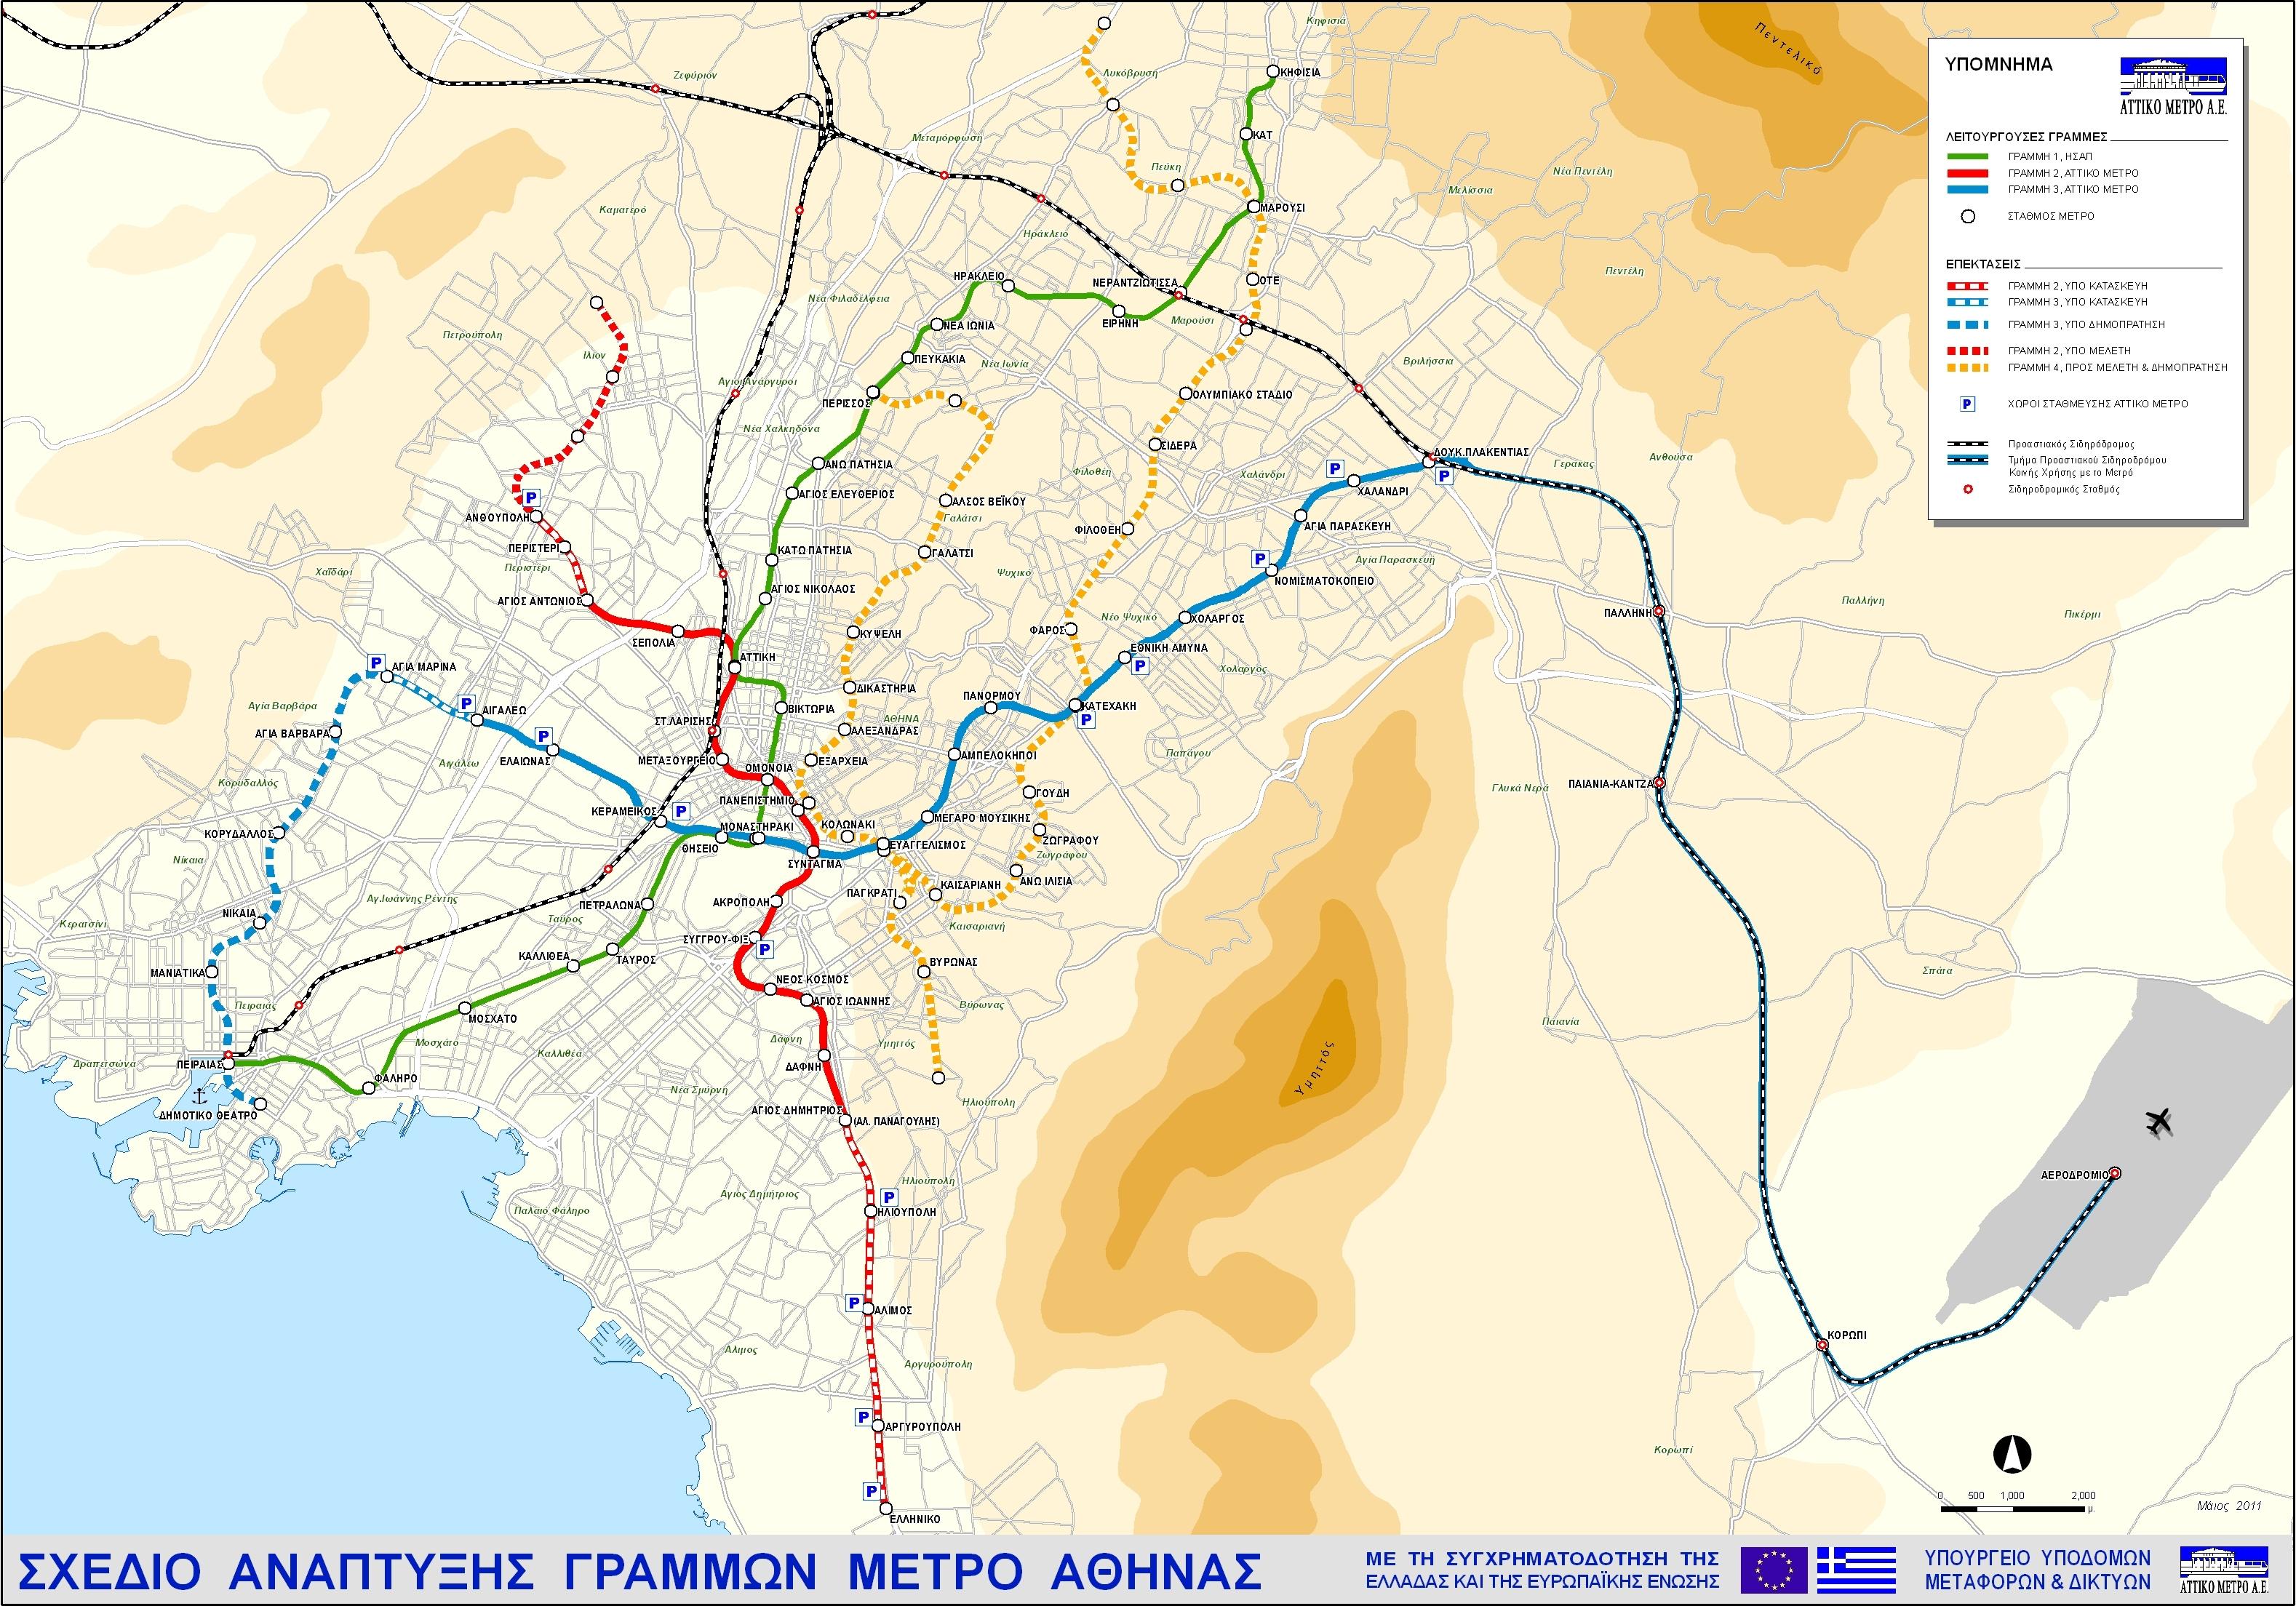 Σχέδιο ανάπτυξης γραμμών Μετρό Αθήνας, Μάιος 2011 (κλικ για μεγέθυνση) Πηγή: ΑΤΤΙΚΟ ΜΕΤΡΟ